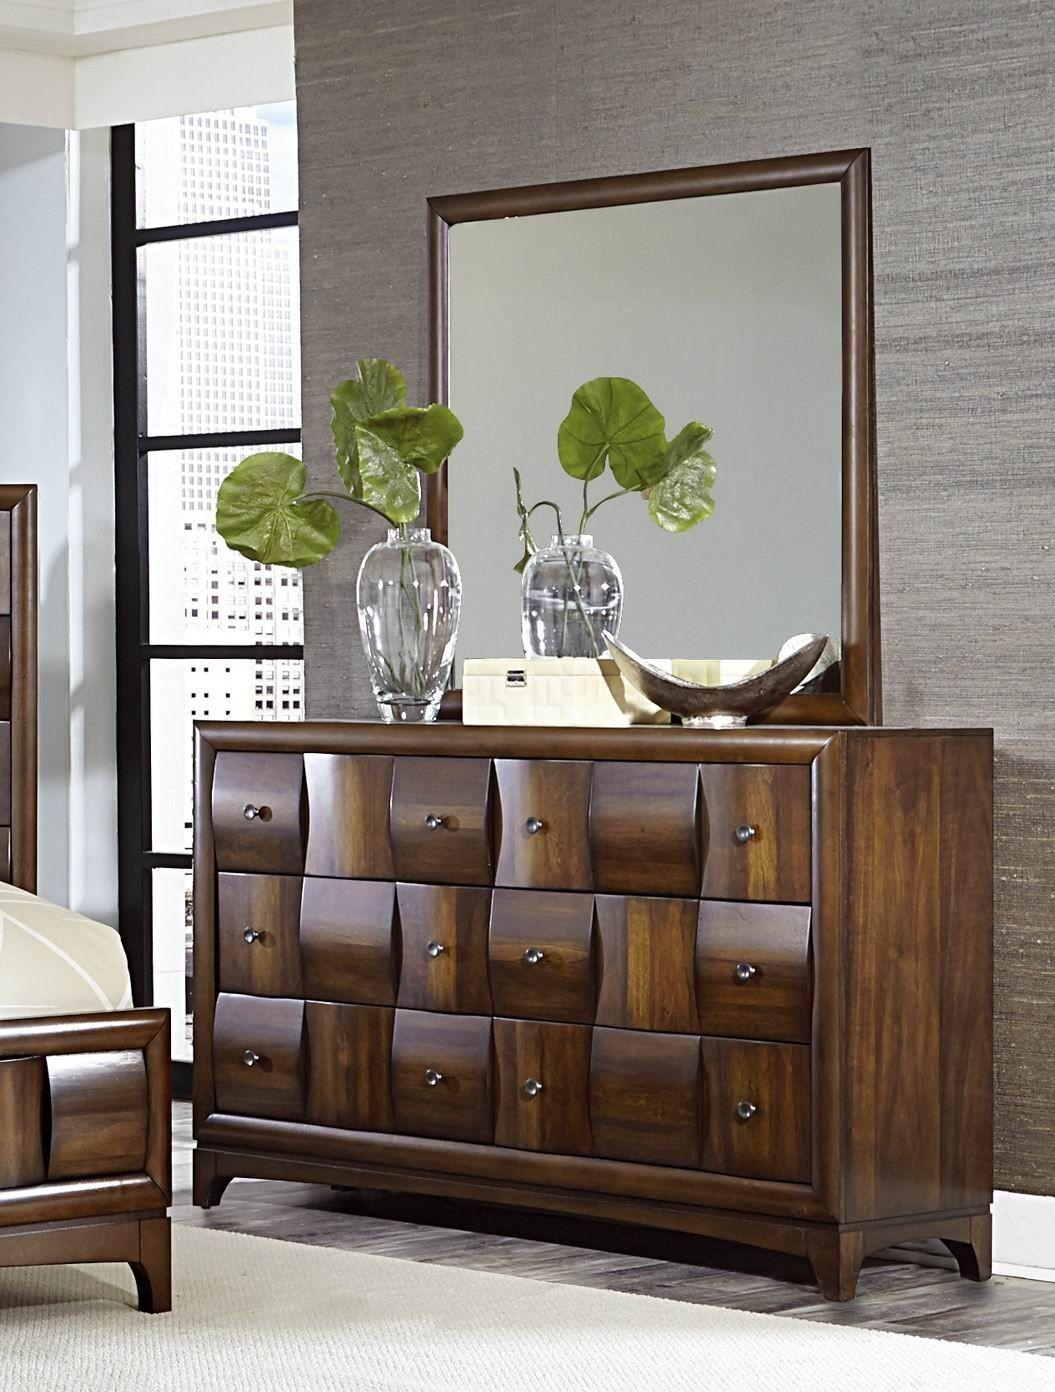 porter warm walnut panel bedroom set from homelegance 1852 1 coleman furniture. Black Bedroom Furniture Sets. Home Design Ideas